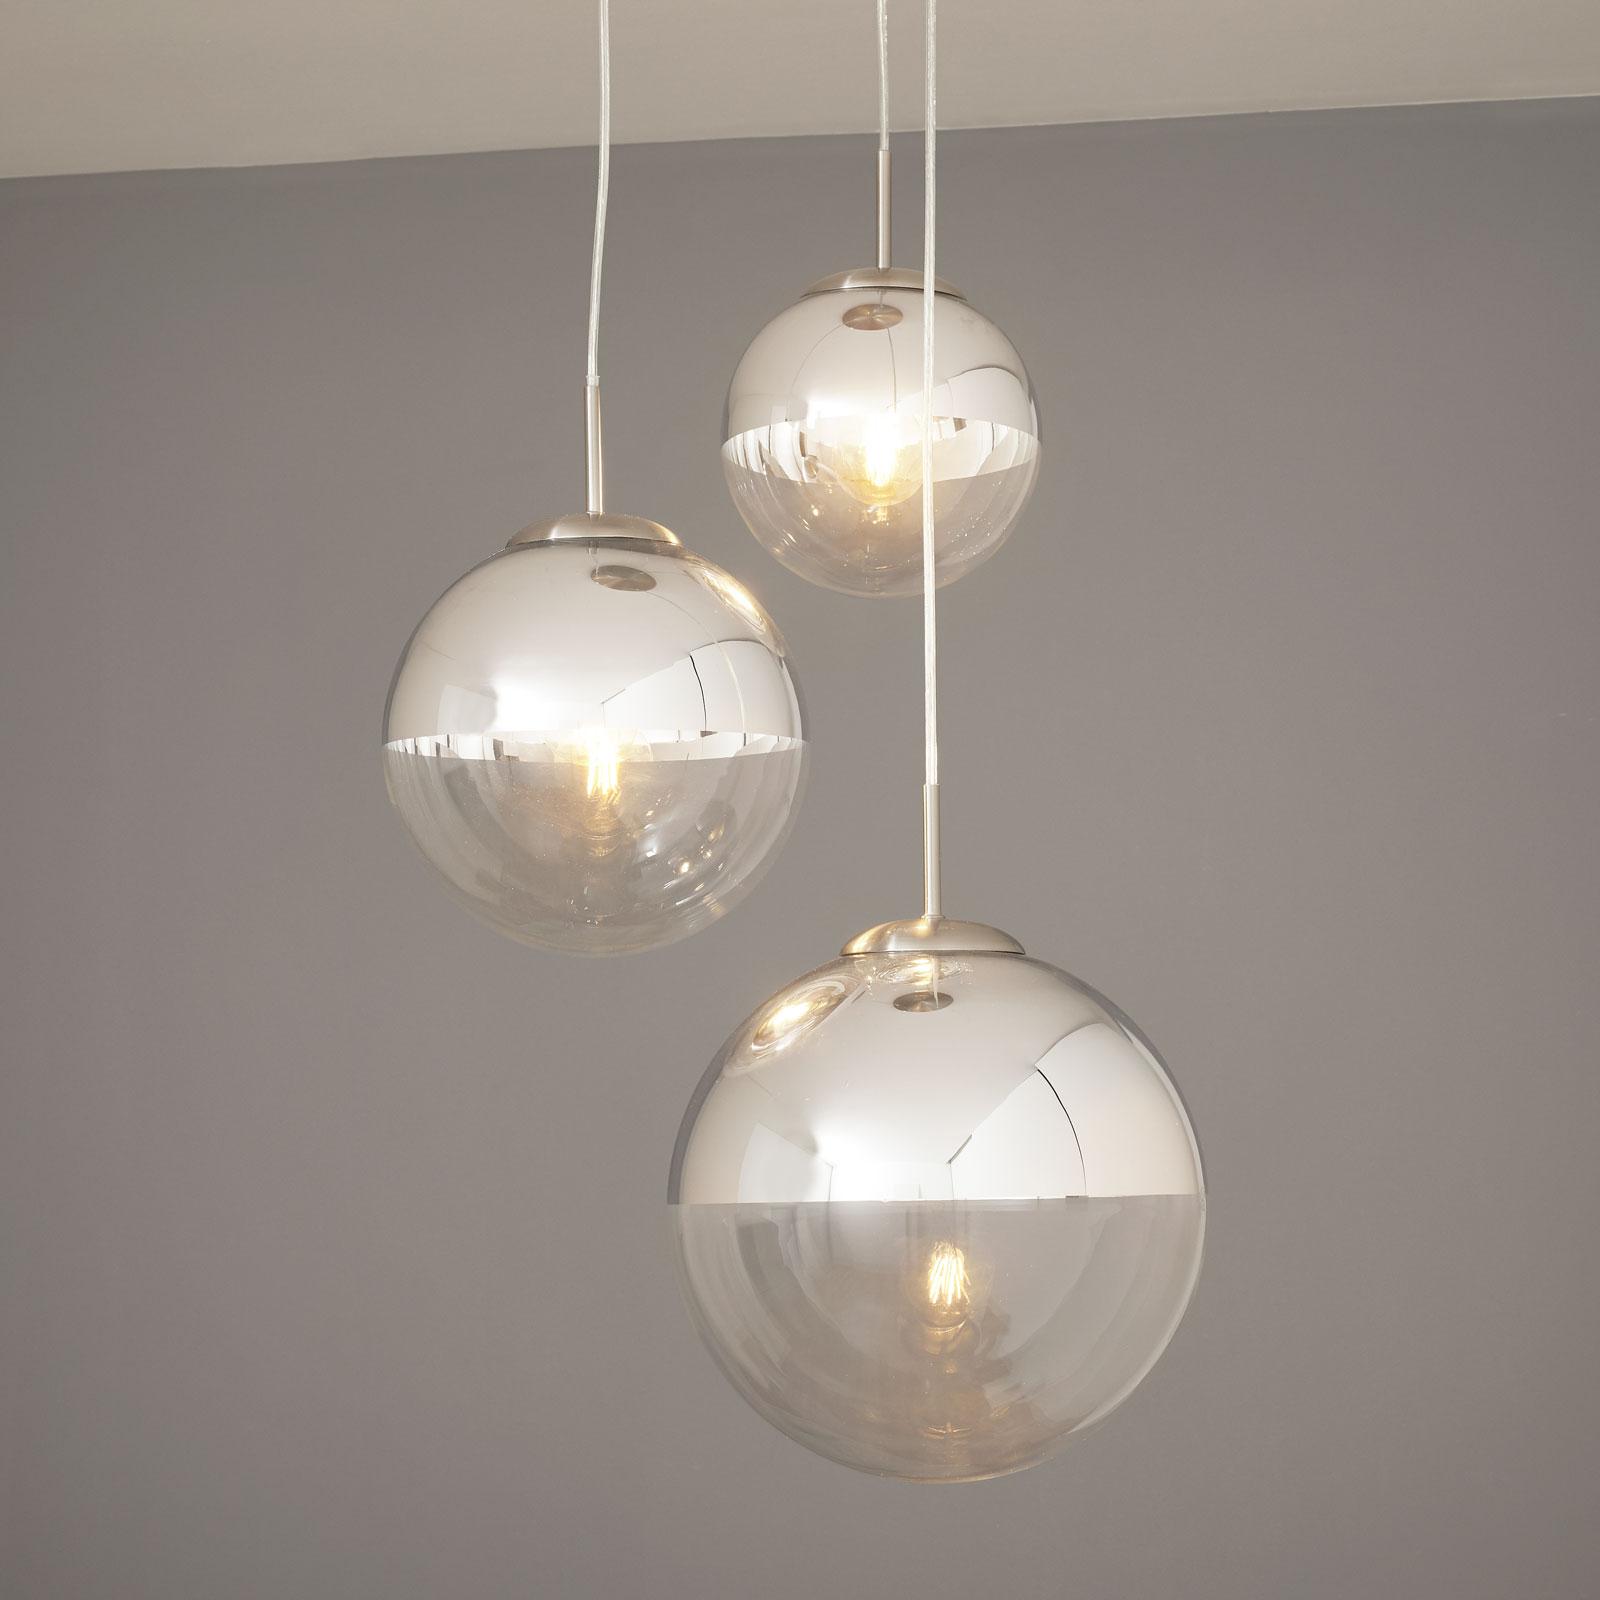 Suspension Ravena à sphères en verre, à 3 lampes